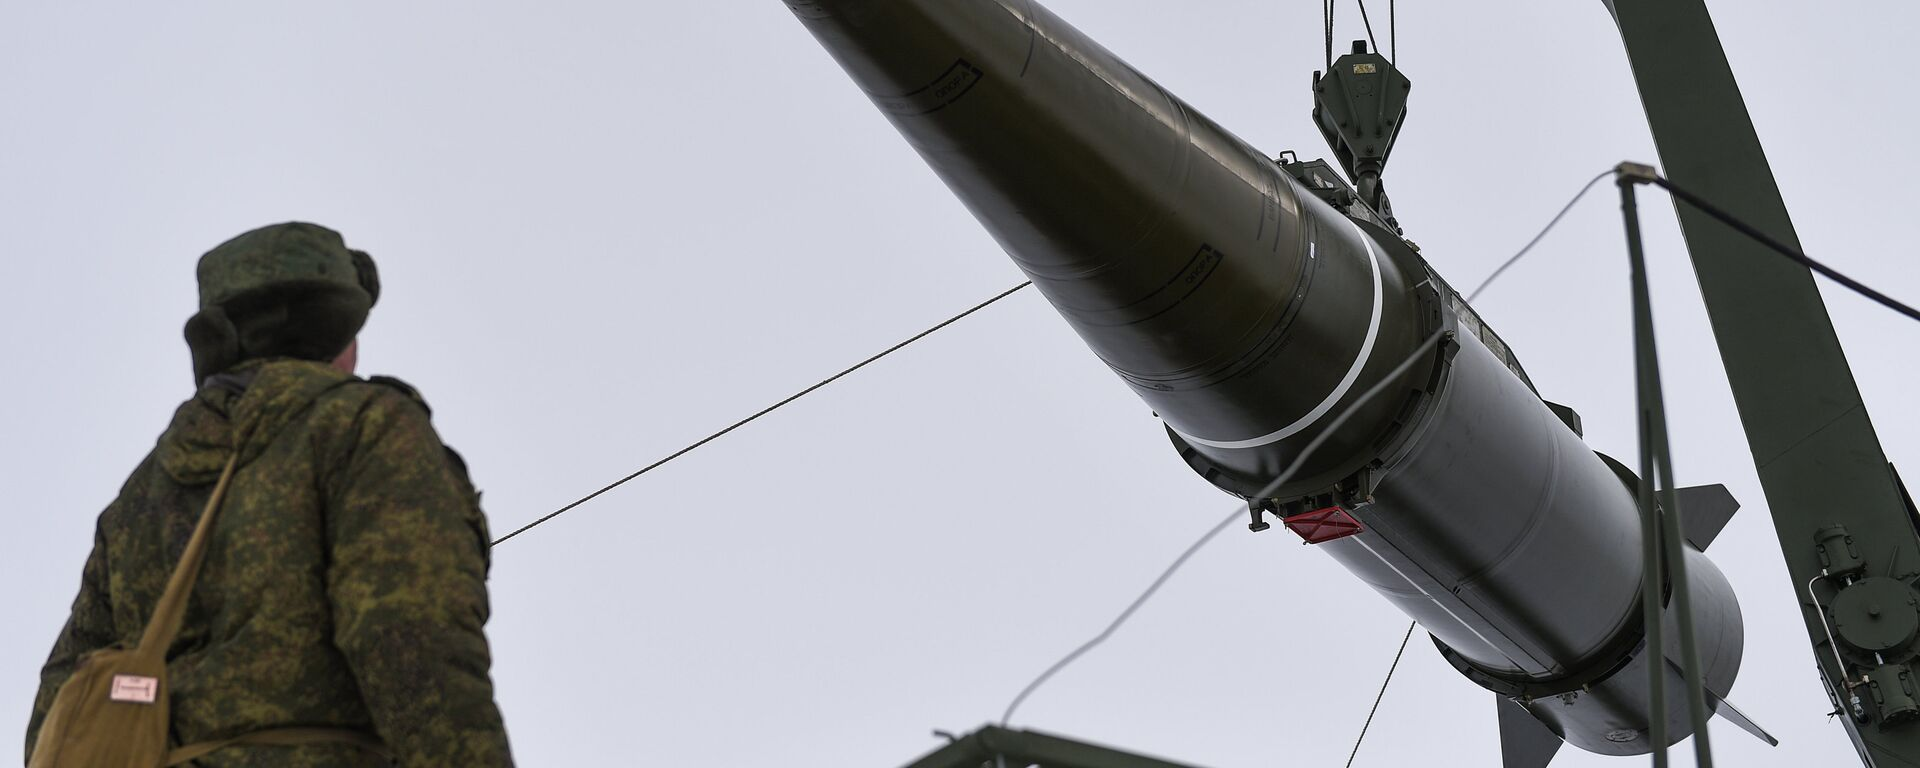 Militares se preparan para lanzar un misil del sistema Iskander-M - Sputnik Mundo, 1920, 06.08.2020